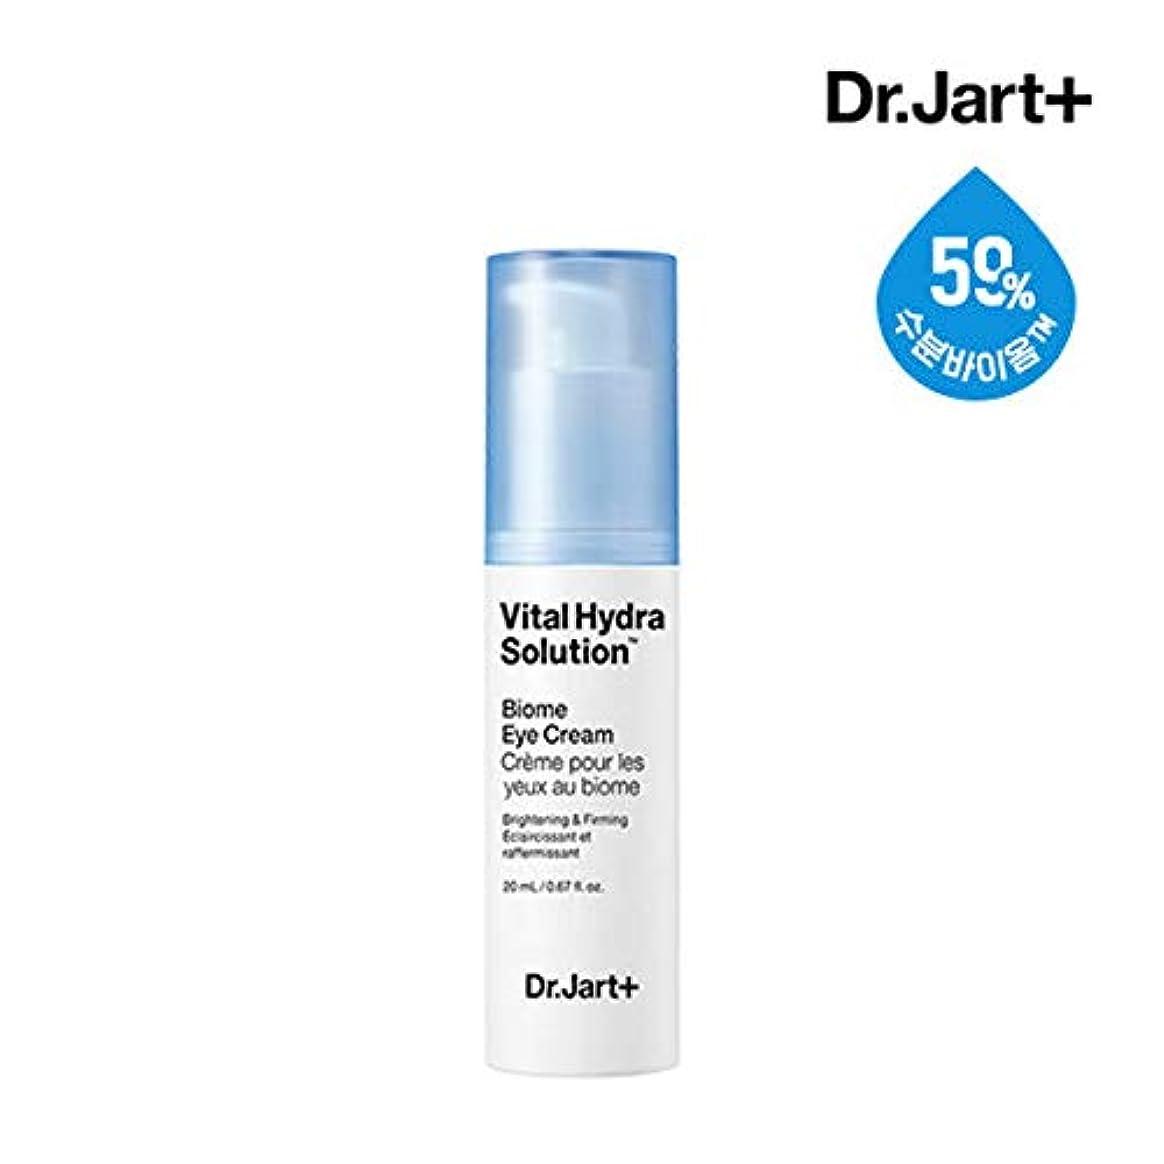 テーブルオーガニックメンタルドクタージャルトゥ[Dr.Jart+] バイタルハイドラソリューションバイオームアイクリーム20ml (Vital Hydra Solution Biome Eye Cream) / ブライトニング&ファーミング